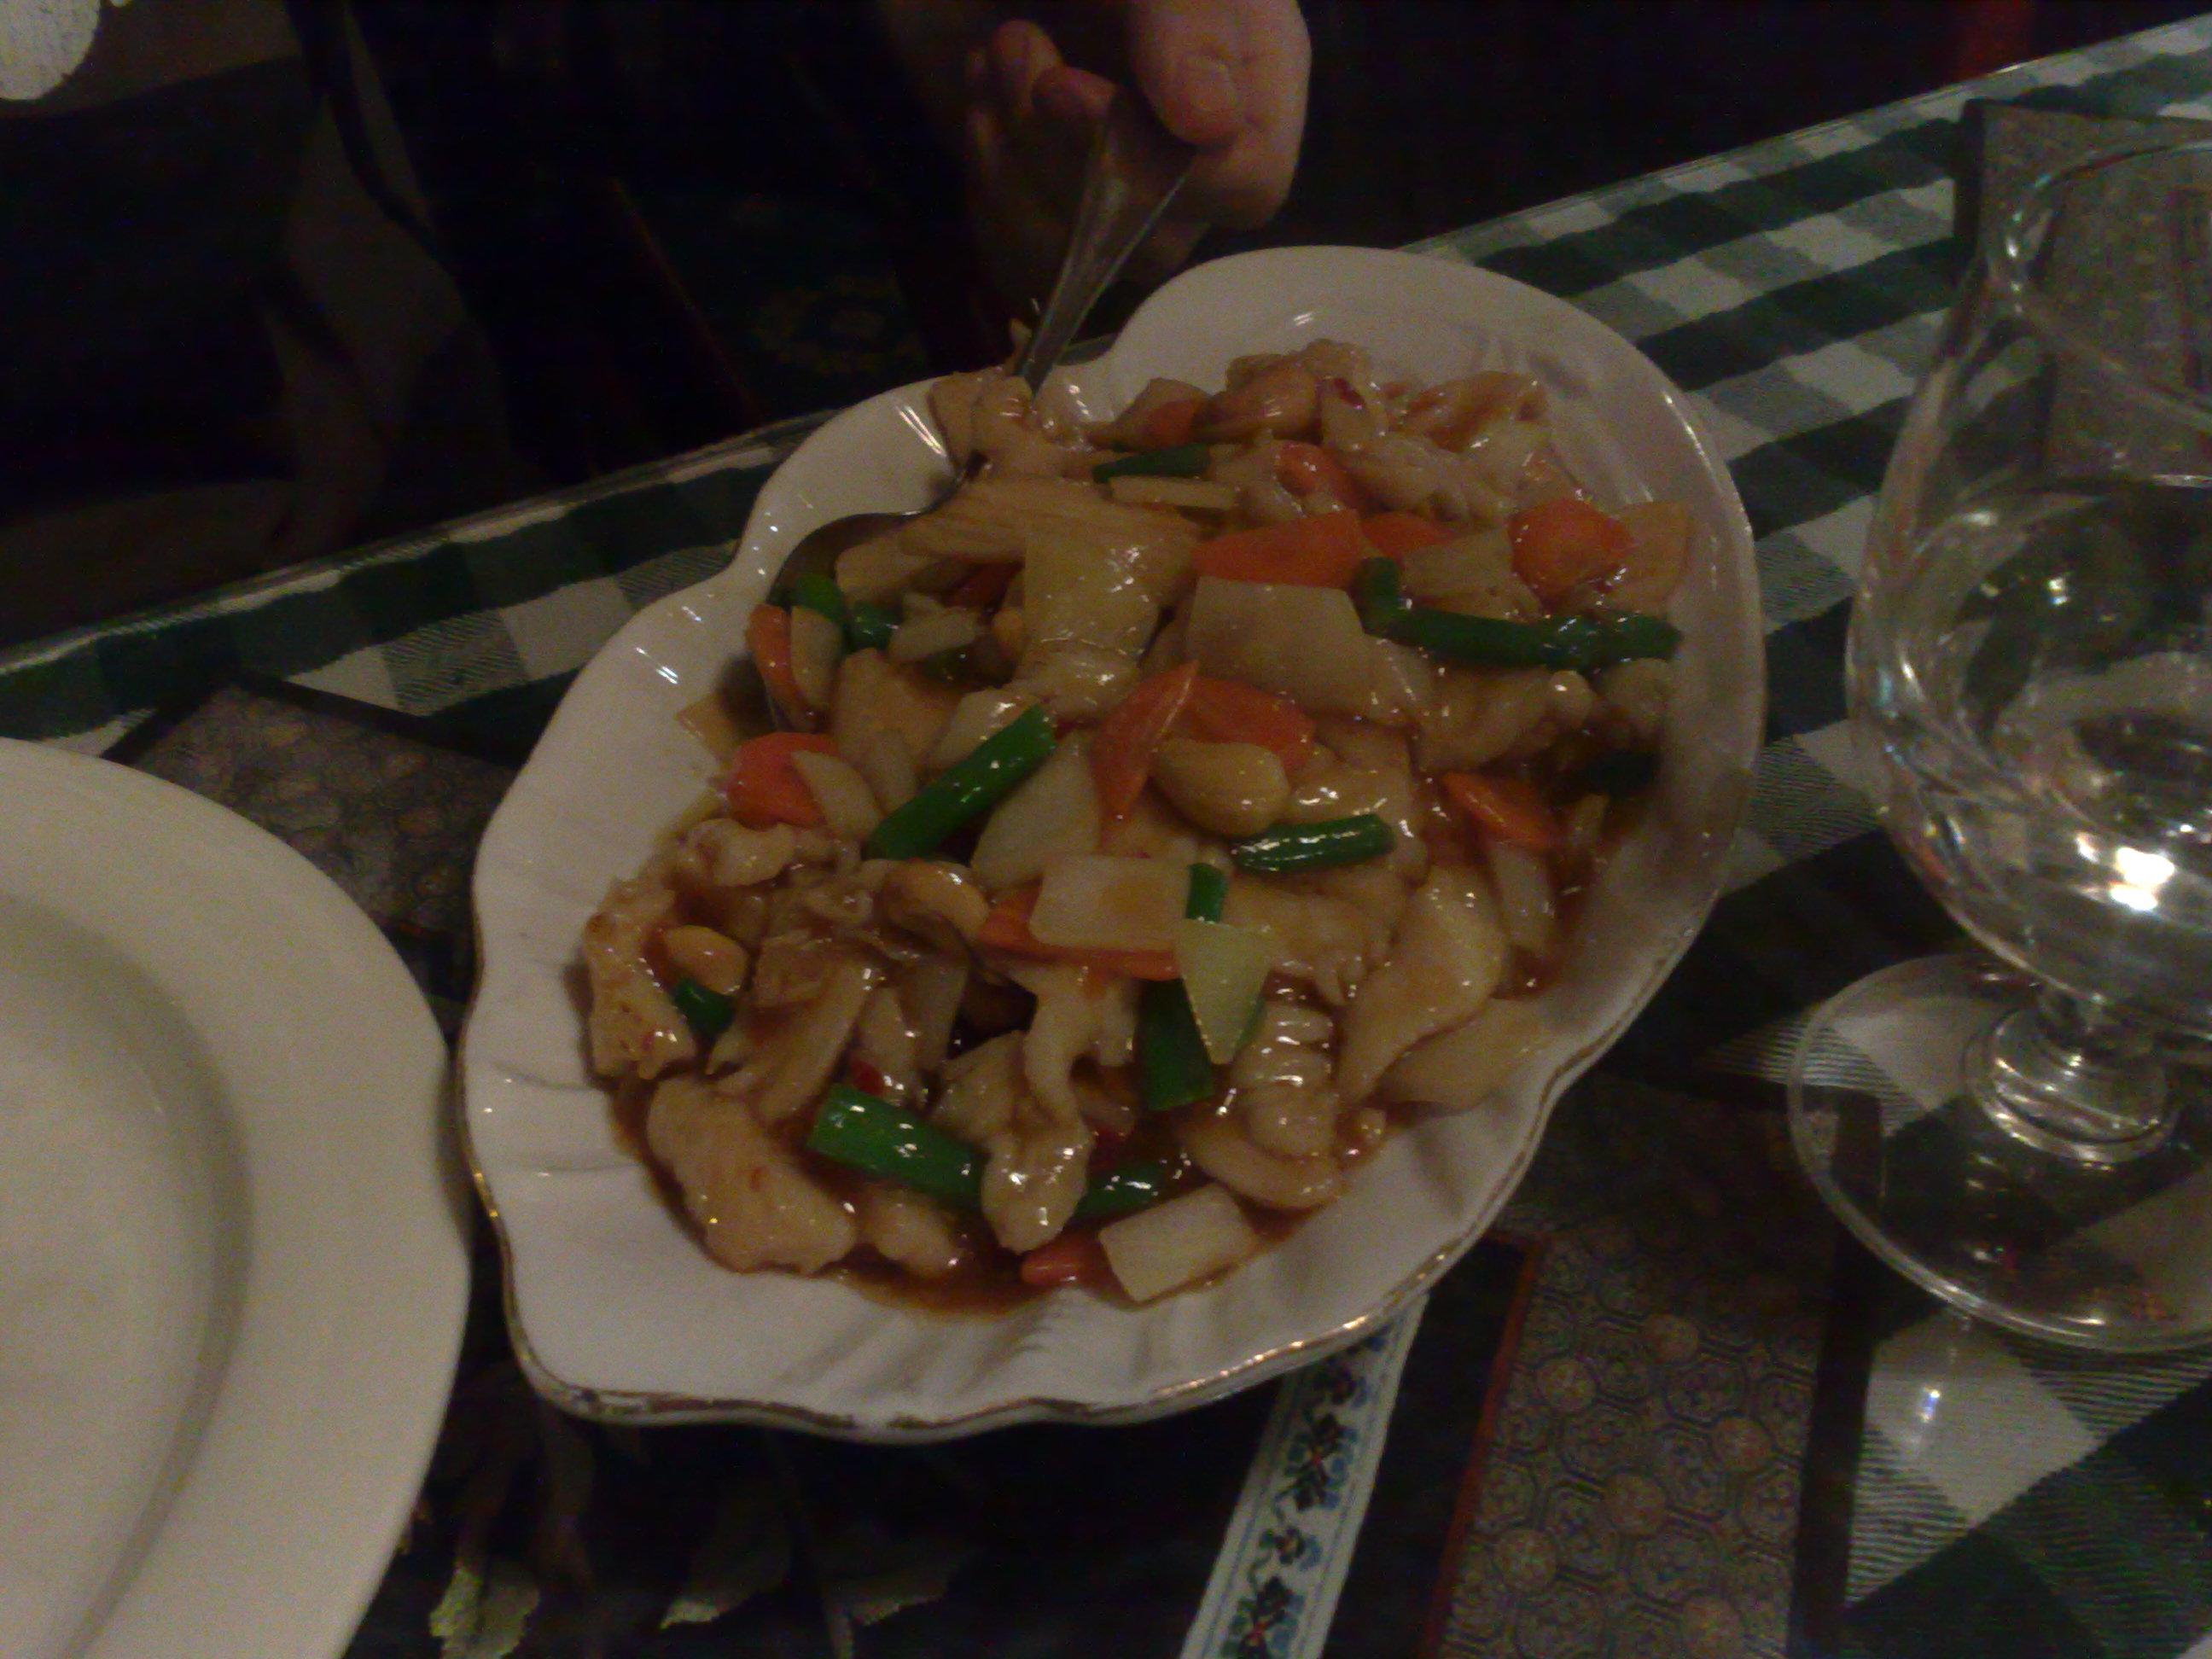 Ravintola Kiinan Muuri, Turku: Kanaa kung po.